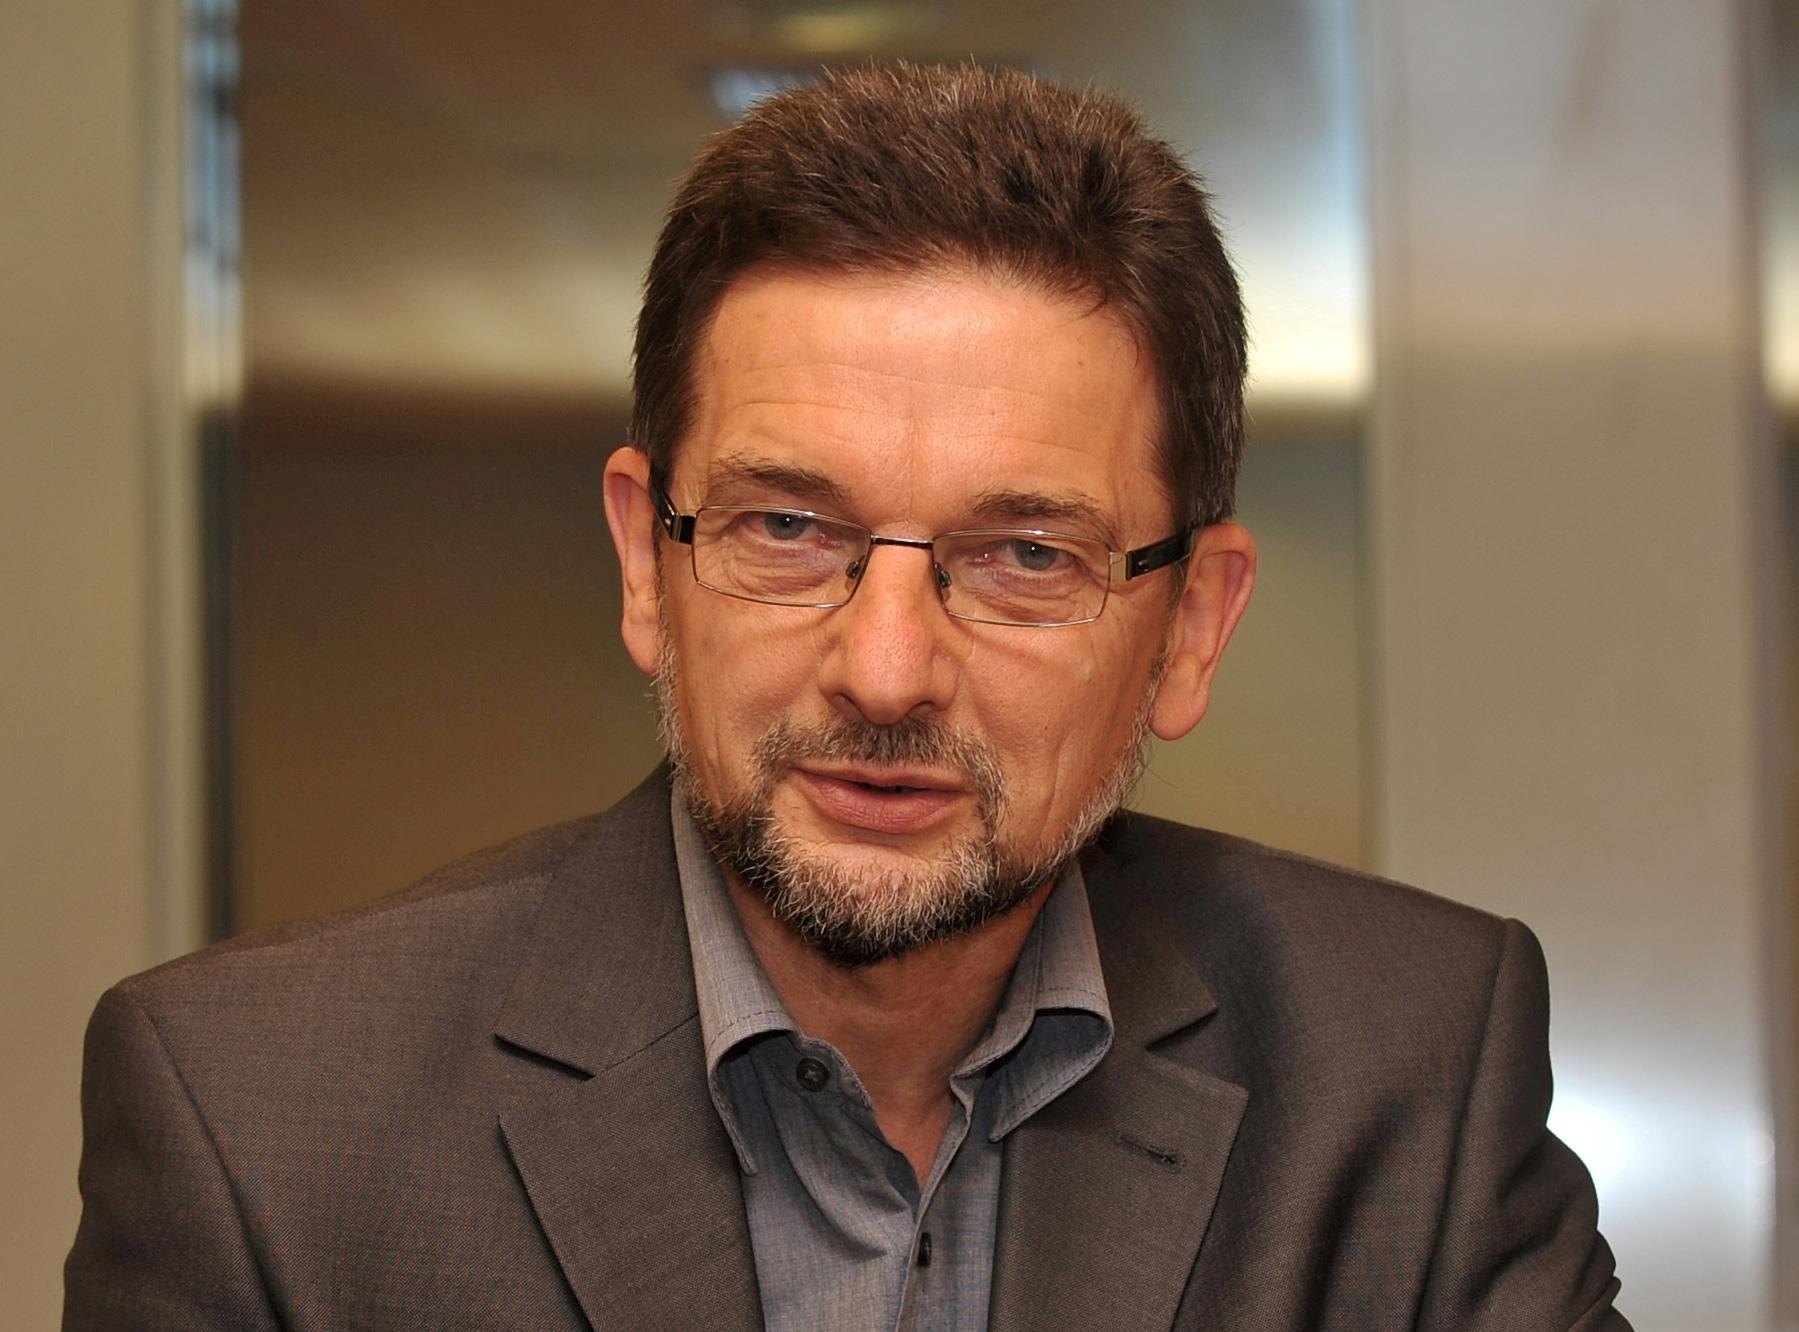 Ali bodo v Mariboru odprli šolo Montesorri?